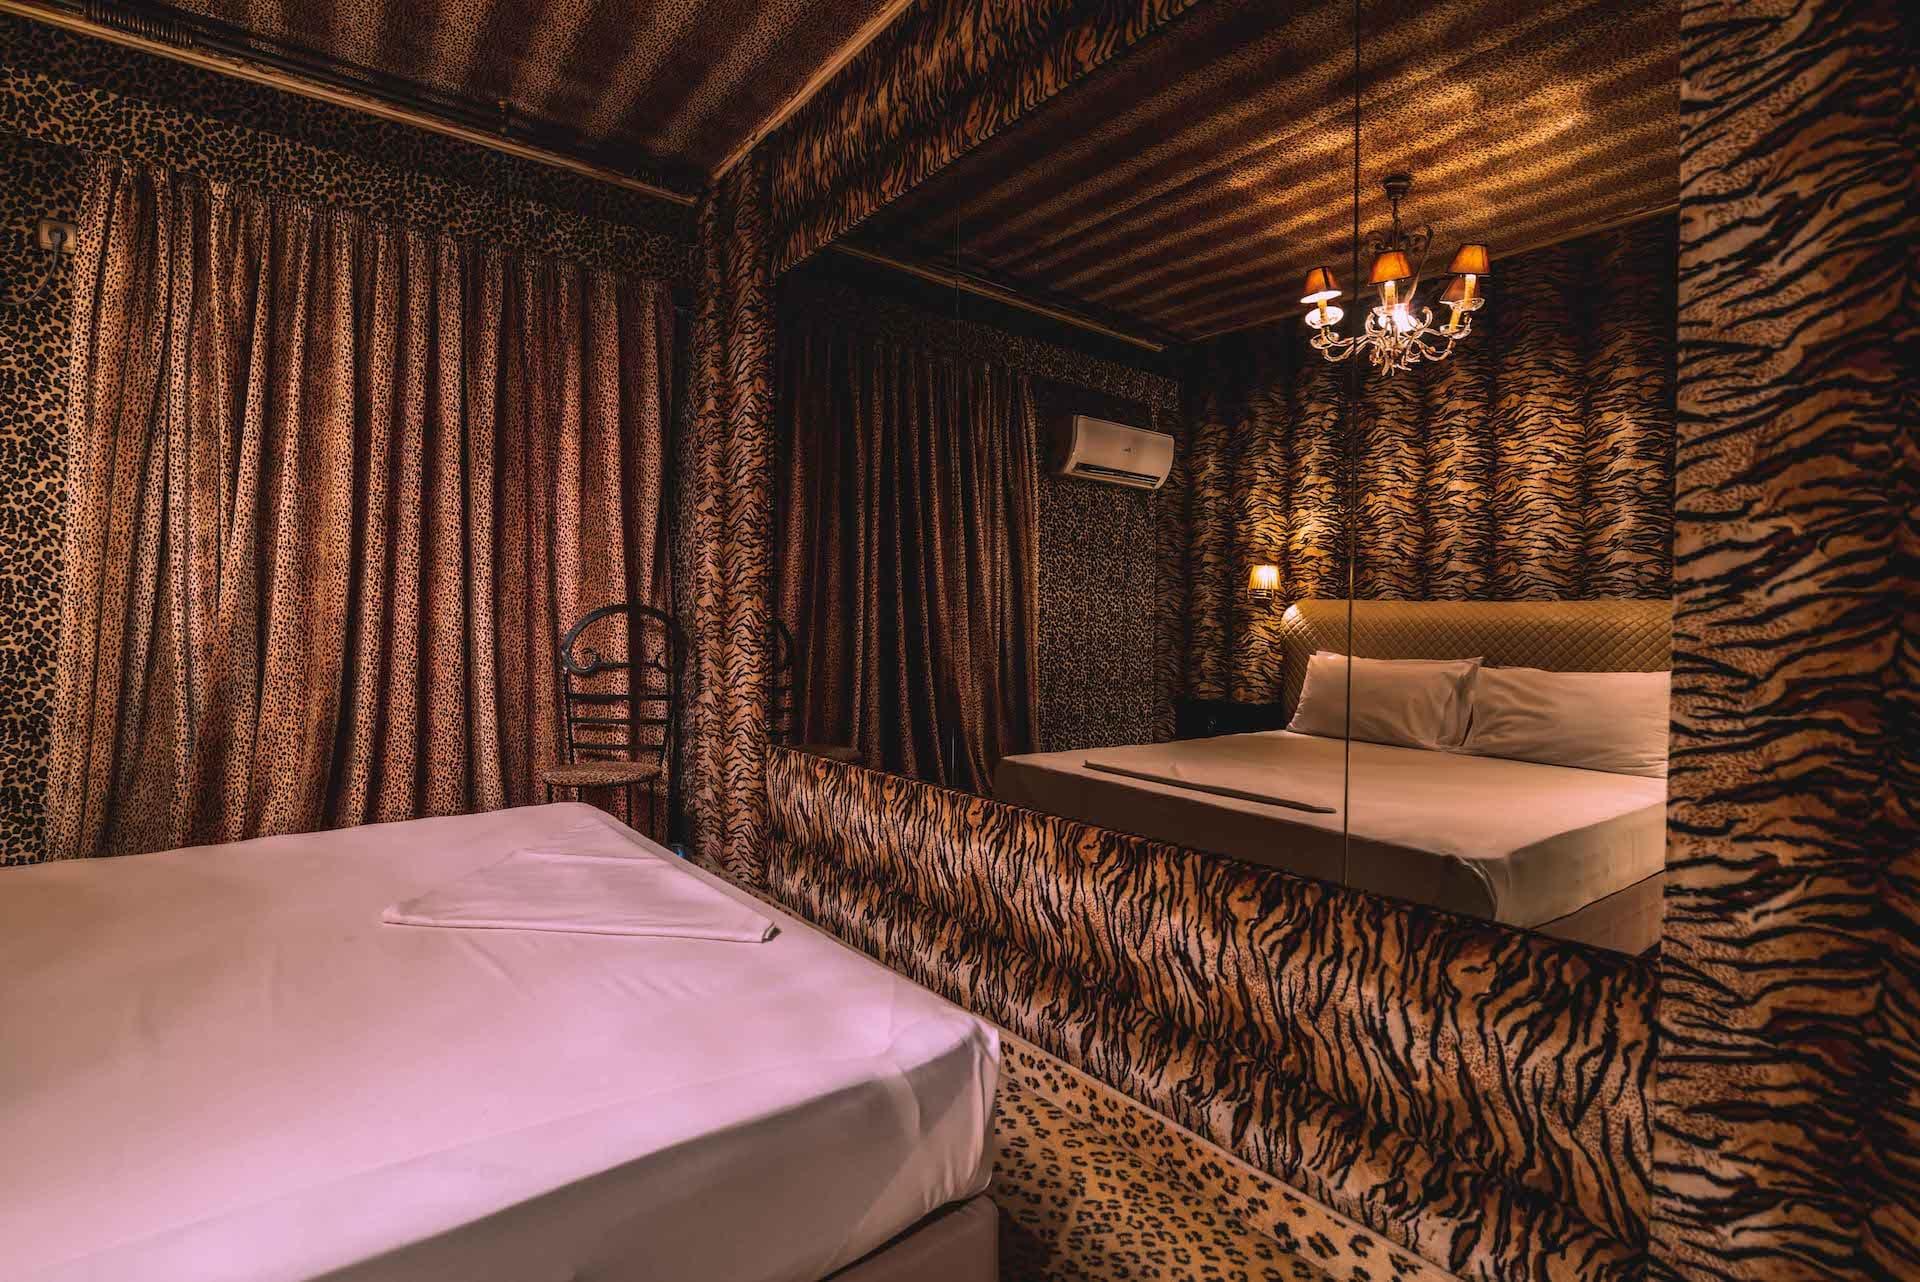 Το δωμάτιο Fantasy Room 215 στα Ruby Rooms στην Κηφισιά και τα Βόρεια Προάστια. €30 ημιδιαμονή.